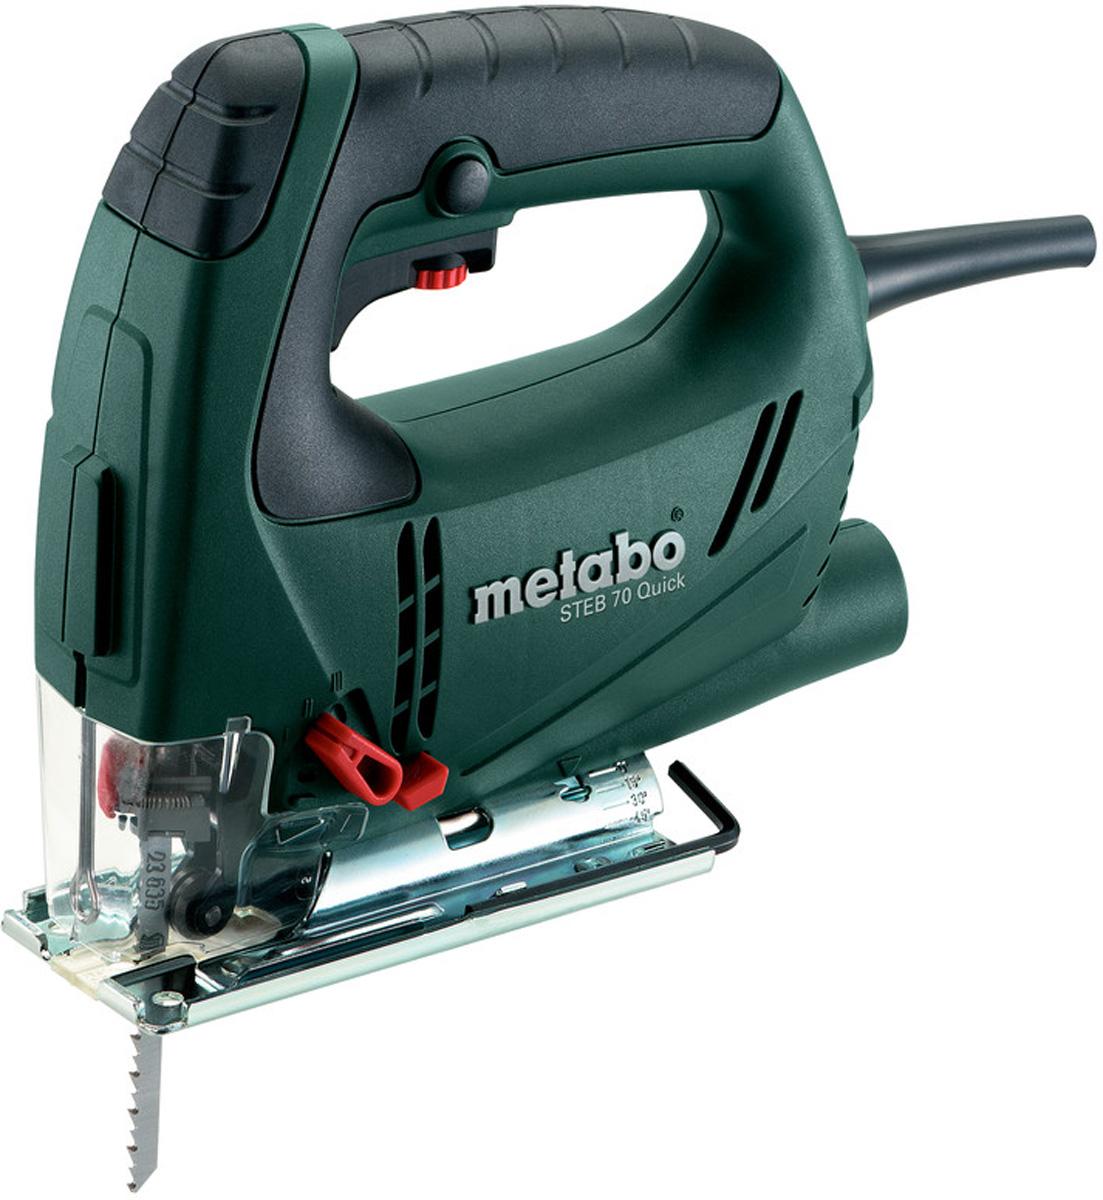 Лобзик электрический Metabo STEB 70 Quick. 601040000601040000Лобзик Metabo STEB 70 Quick - модель профессионального класса. Оснащена мощным двигателем на 570 Вт. В инструменте предусмотрена предварительная установка маятникового хода - 4 ступени. Лобзик легко справляется с заготовками из дерева толщиной до 70 мм и цветных металлов толщиной до 20 мм. Также предусмотрена резка под углом от 0 до 45 градусов. Скорость движения регулируется в пределах 1000-3300 ходов в минуту при помощи удобного переключателя.Угольные щетки автоматически отключатся при износе, что продлевает срок эксплуатации двигателя.